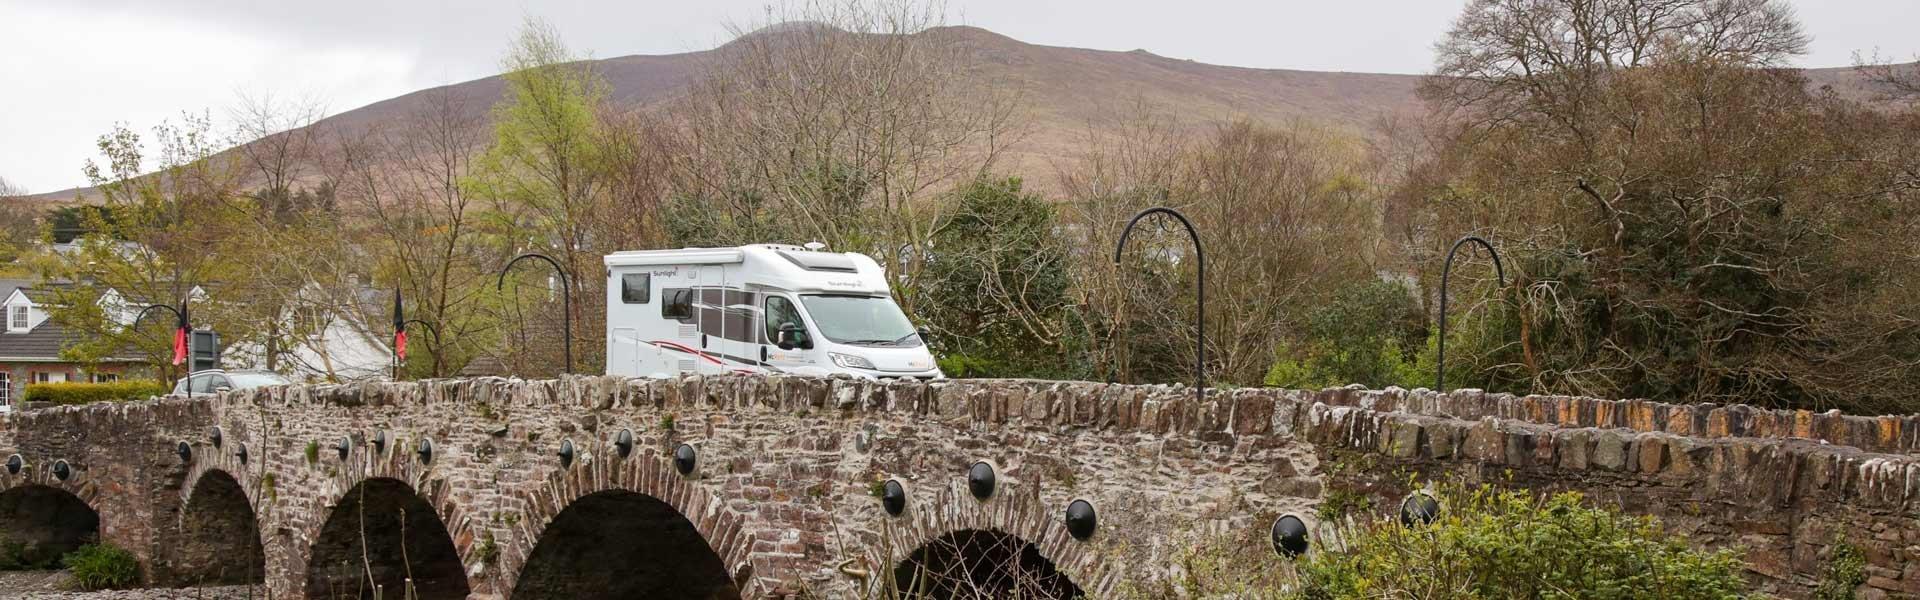 Ga op camperreis door Ierland met een camper van McRent